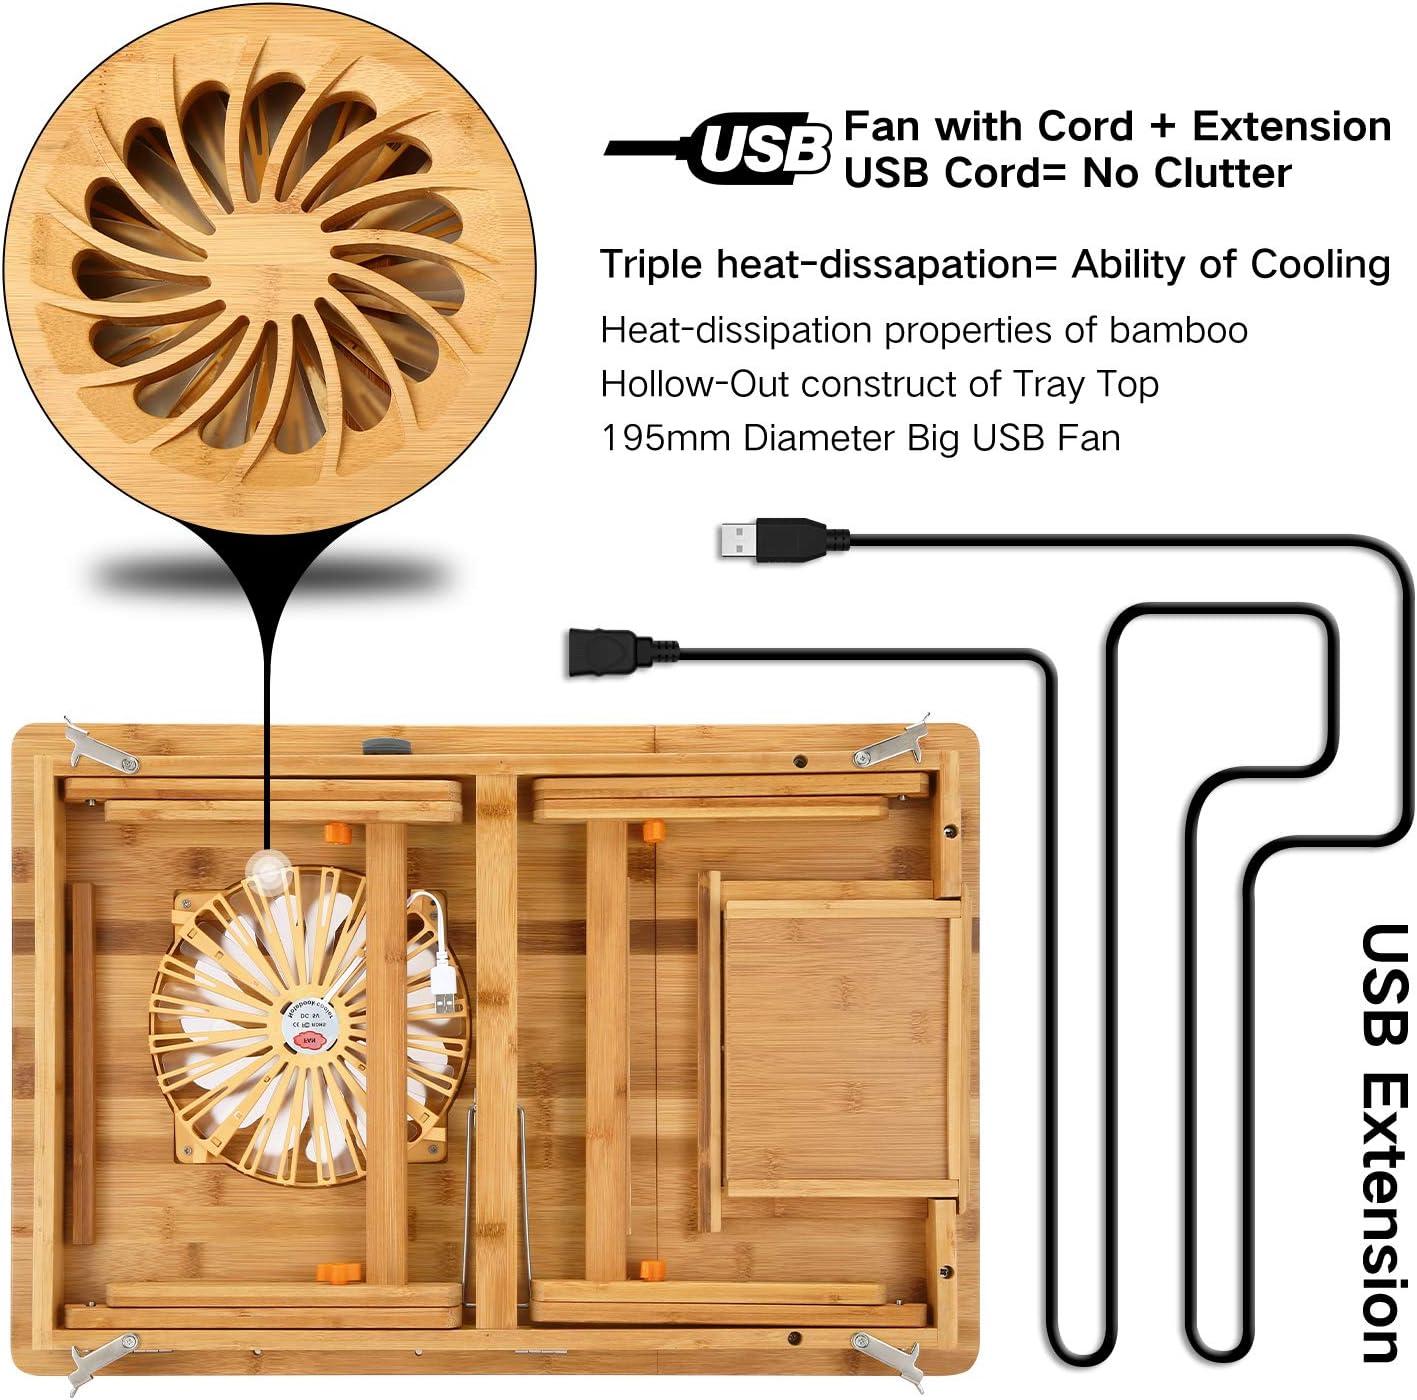 Nnewvante Betttisch mit gro/ße W/ärmeableitunge USB-L/üfter Tragbare Laptoptisch Verstellbarer Bambus Betttablett Faltbare Fr/ühst/ück Tablett Schreiben Kipp-Tablett